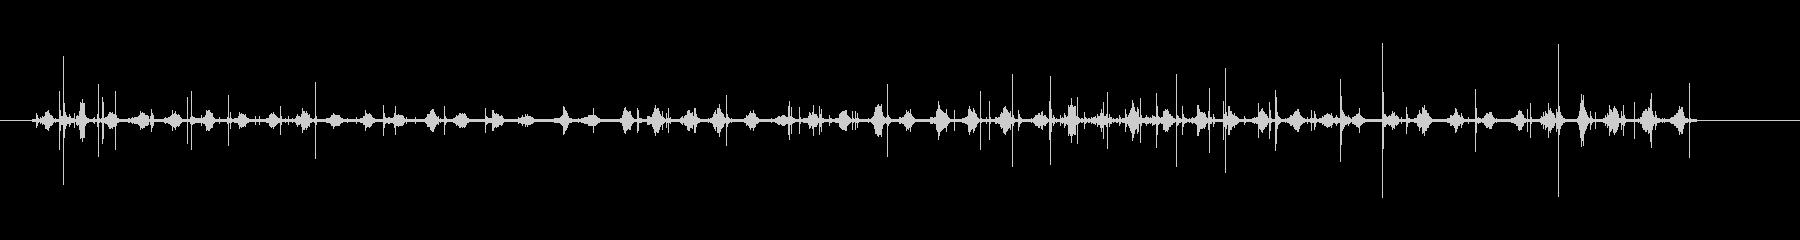 足音-高齢者-スリッパ-屋内を歩くの未再生の波形